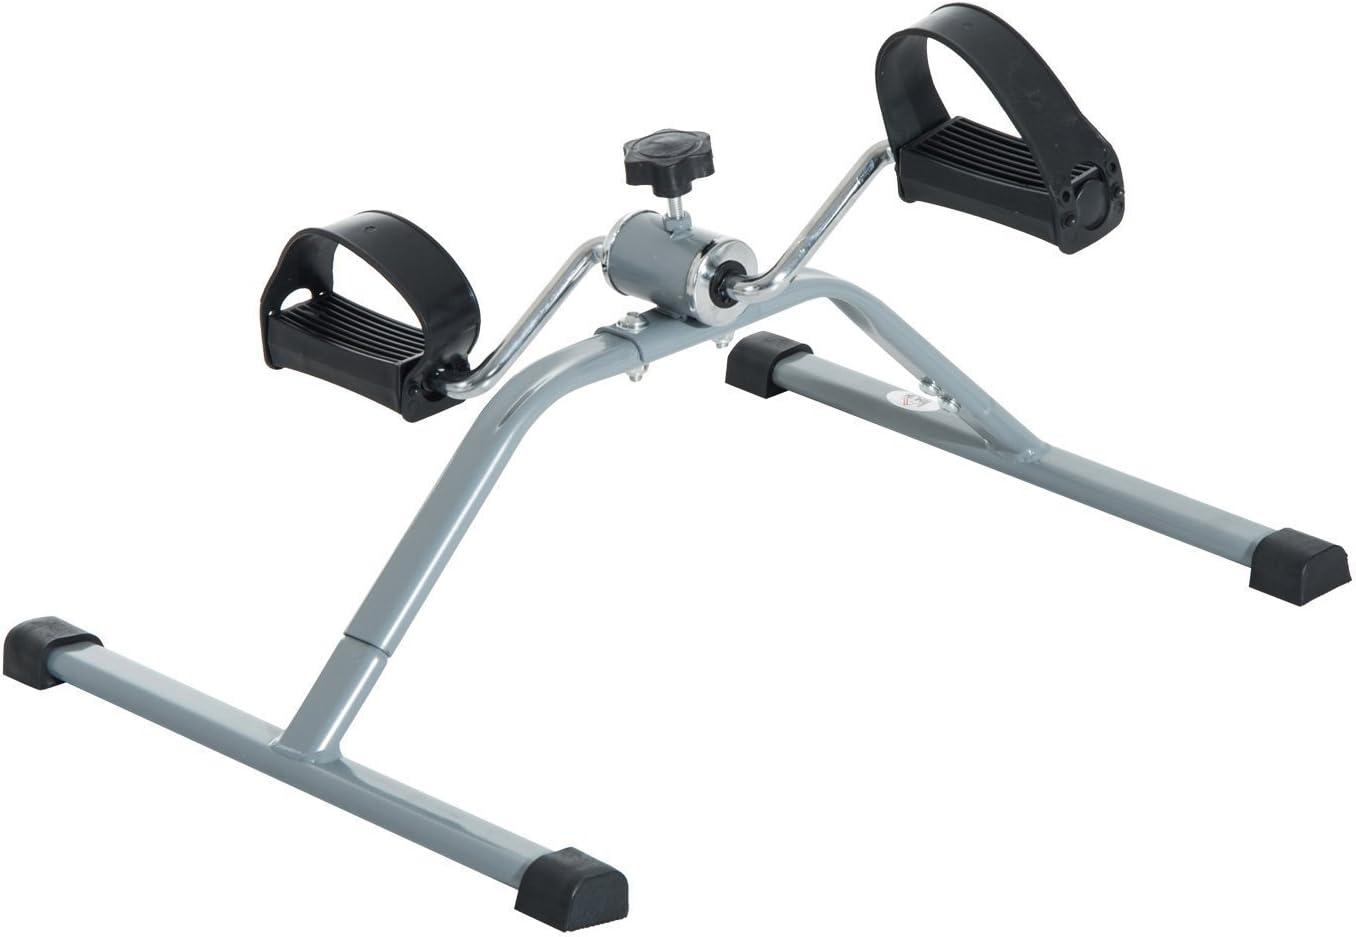 HOMCOM Mini Bicicleta Estática de Acero para Pedalear Aparato de Ejercicios 2 en 1 Brazos y Piernas 40x53x29cm